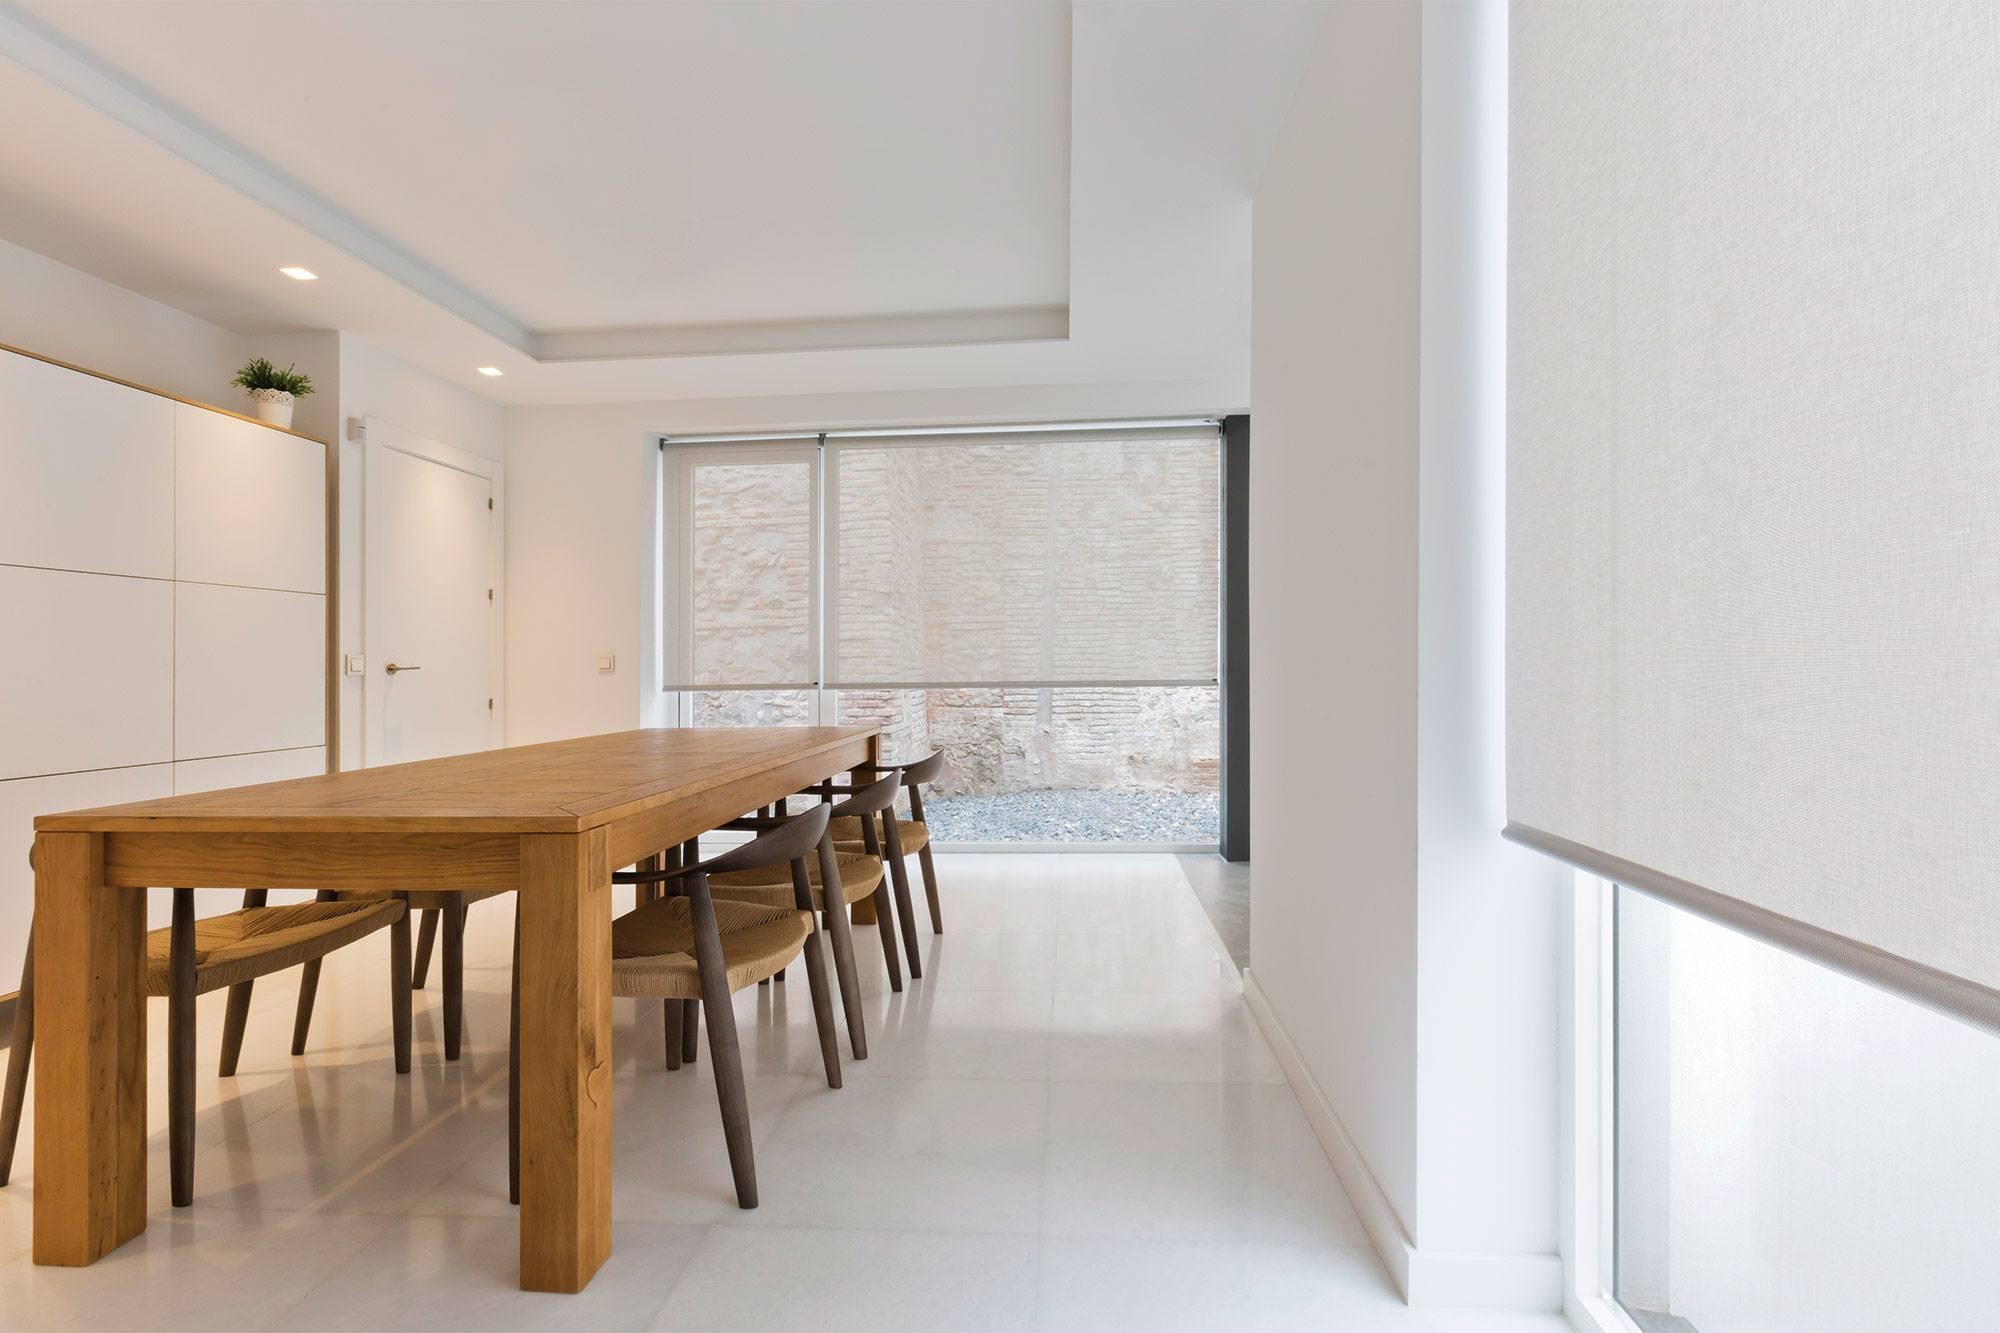 hacer un estor enrollable Estores Enrollables Perfectos Para Casas Verstiles Y